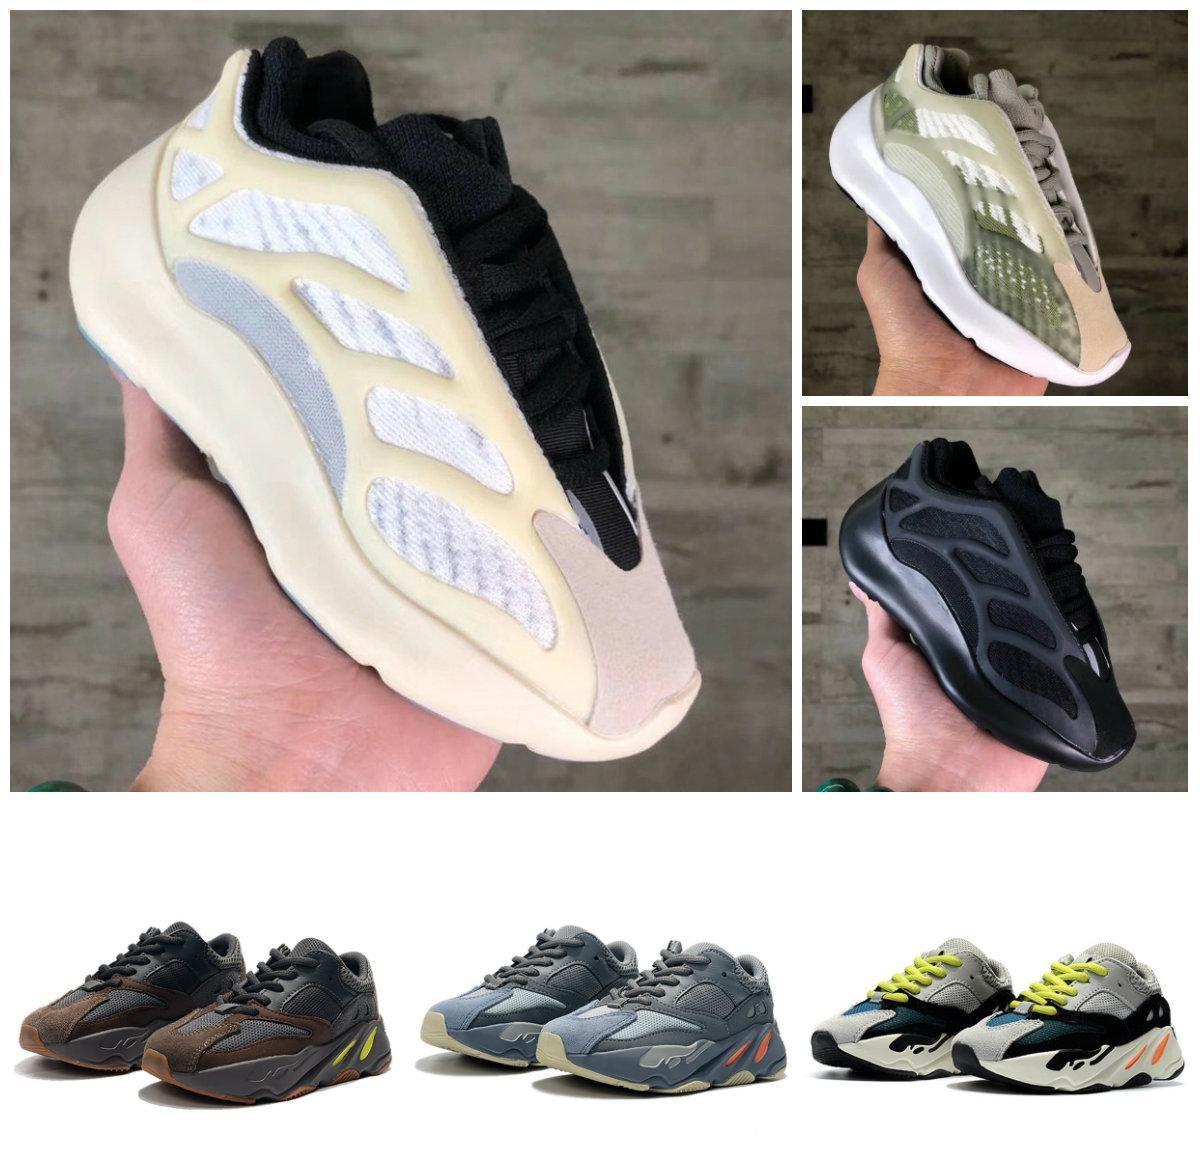 카니 예 웨스트 (Kanye West) 700 V3 어린이 700 블러쉬 사막 쥐 V3 슈퍼 상자 신발 유틸리티 검은 색 운동화 스포츠 신발을 실행